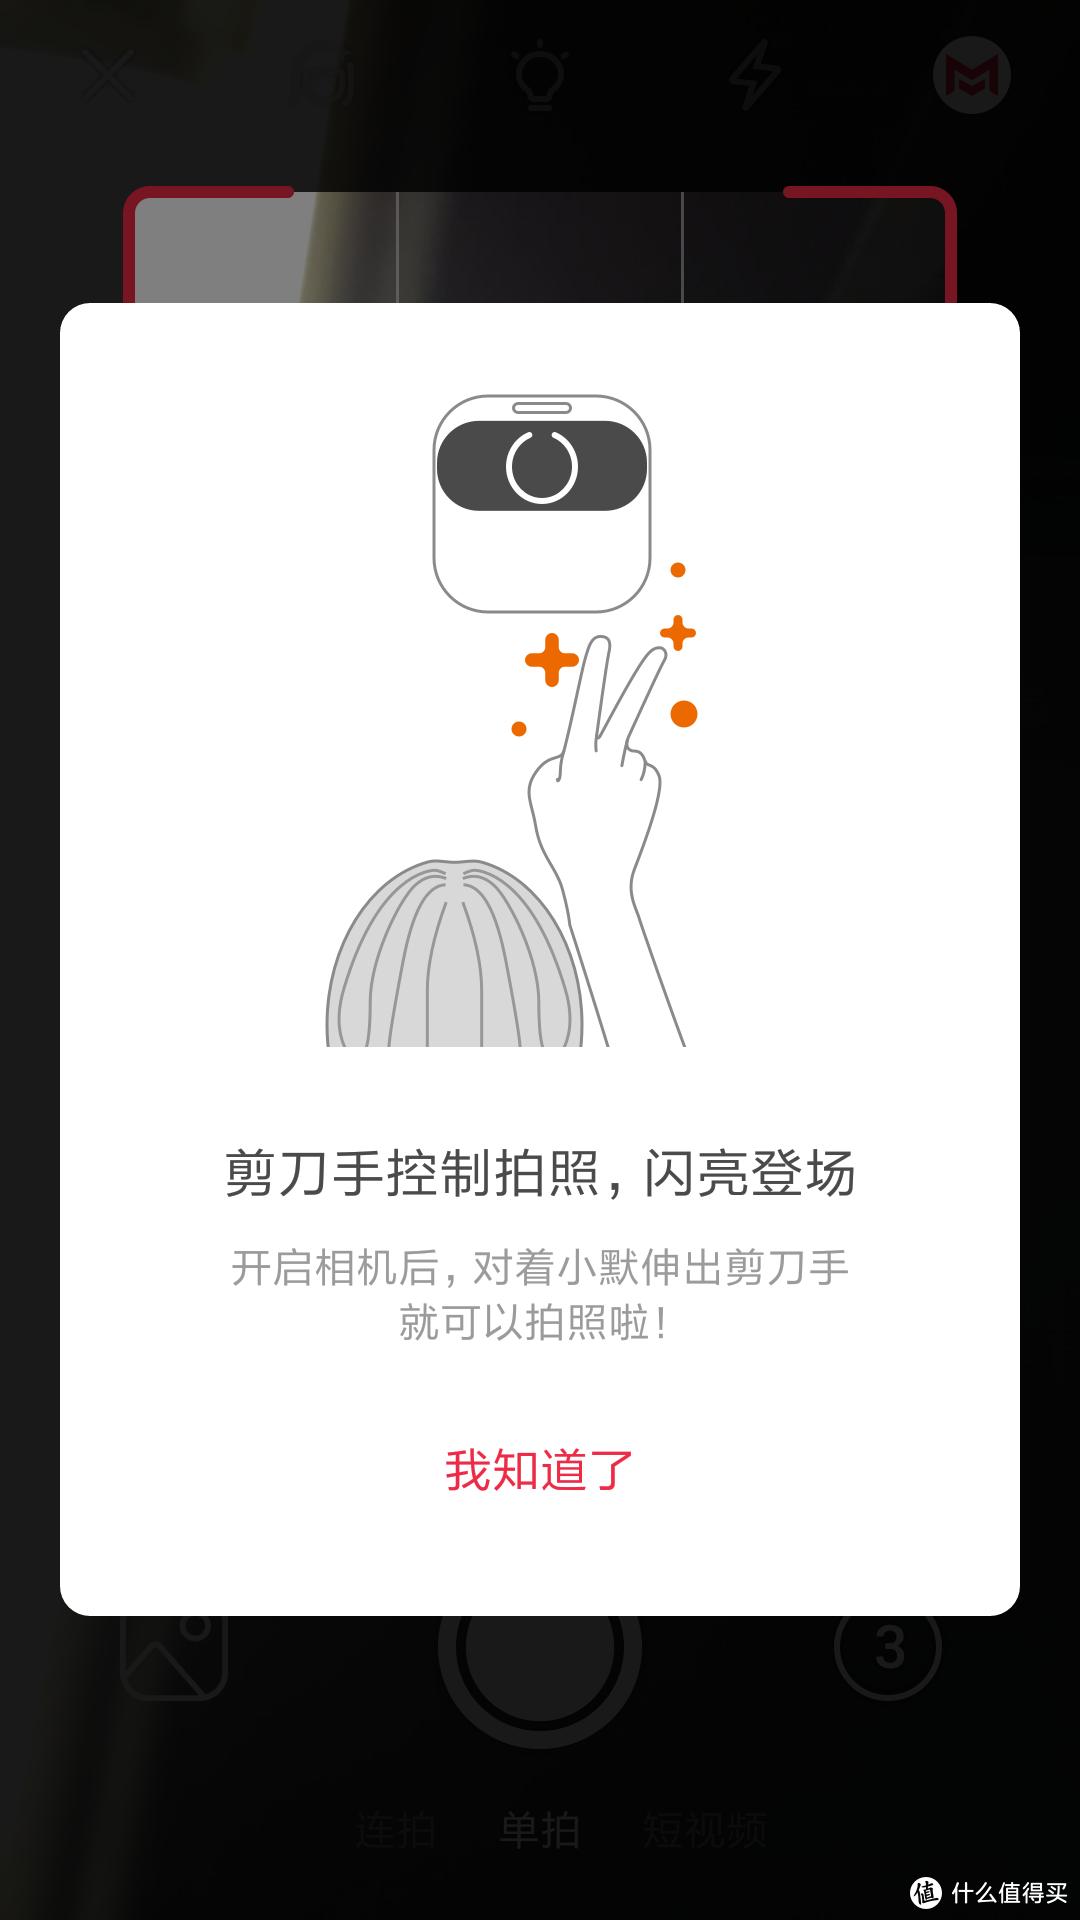 优雅玩自拍:小默AI相机评测